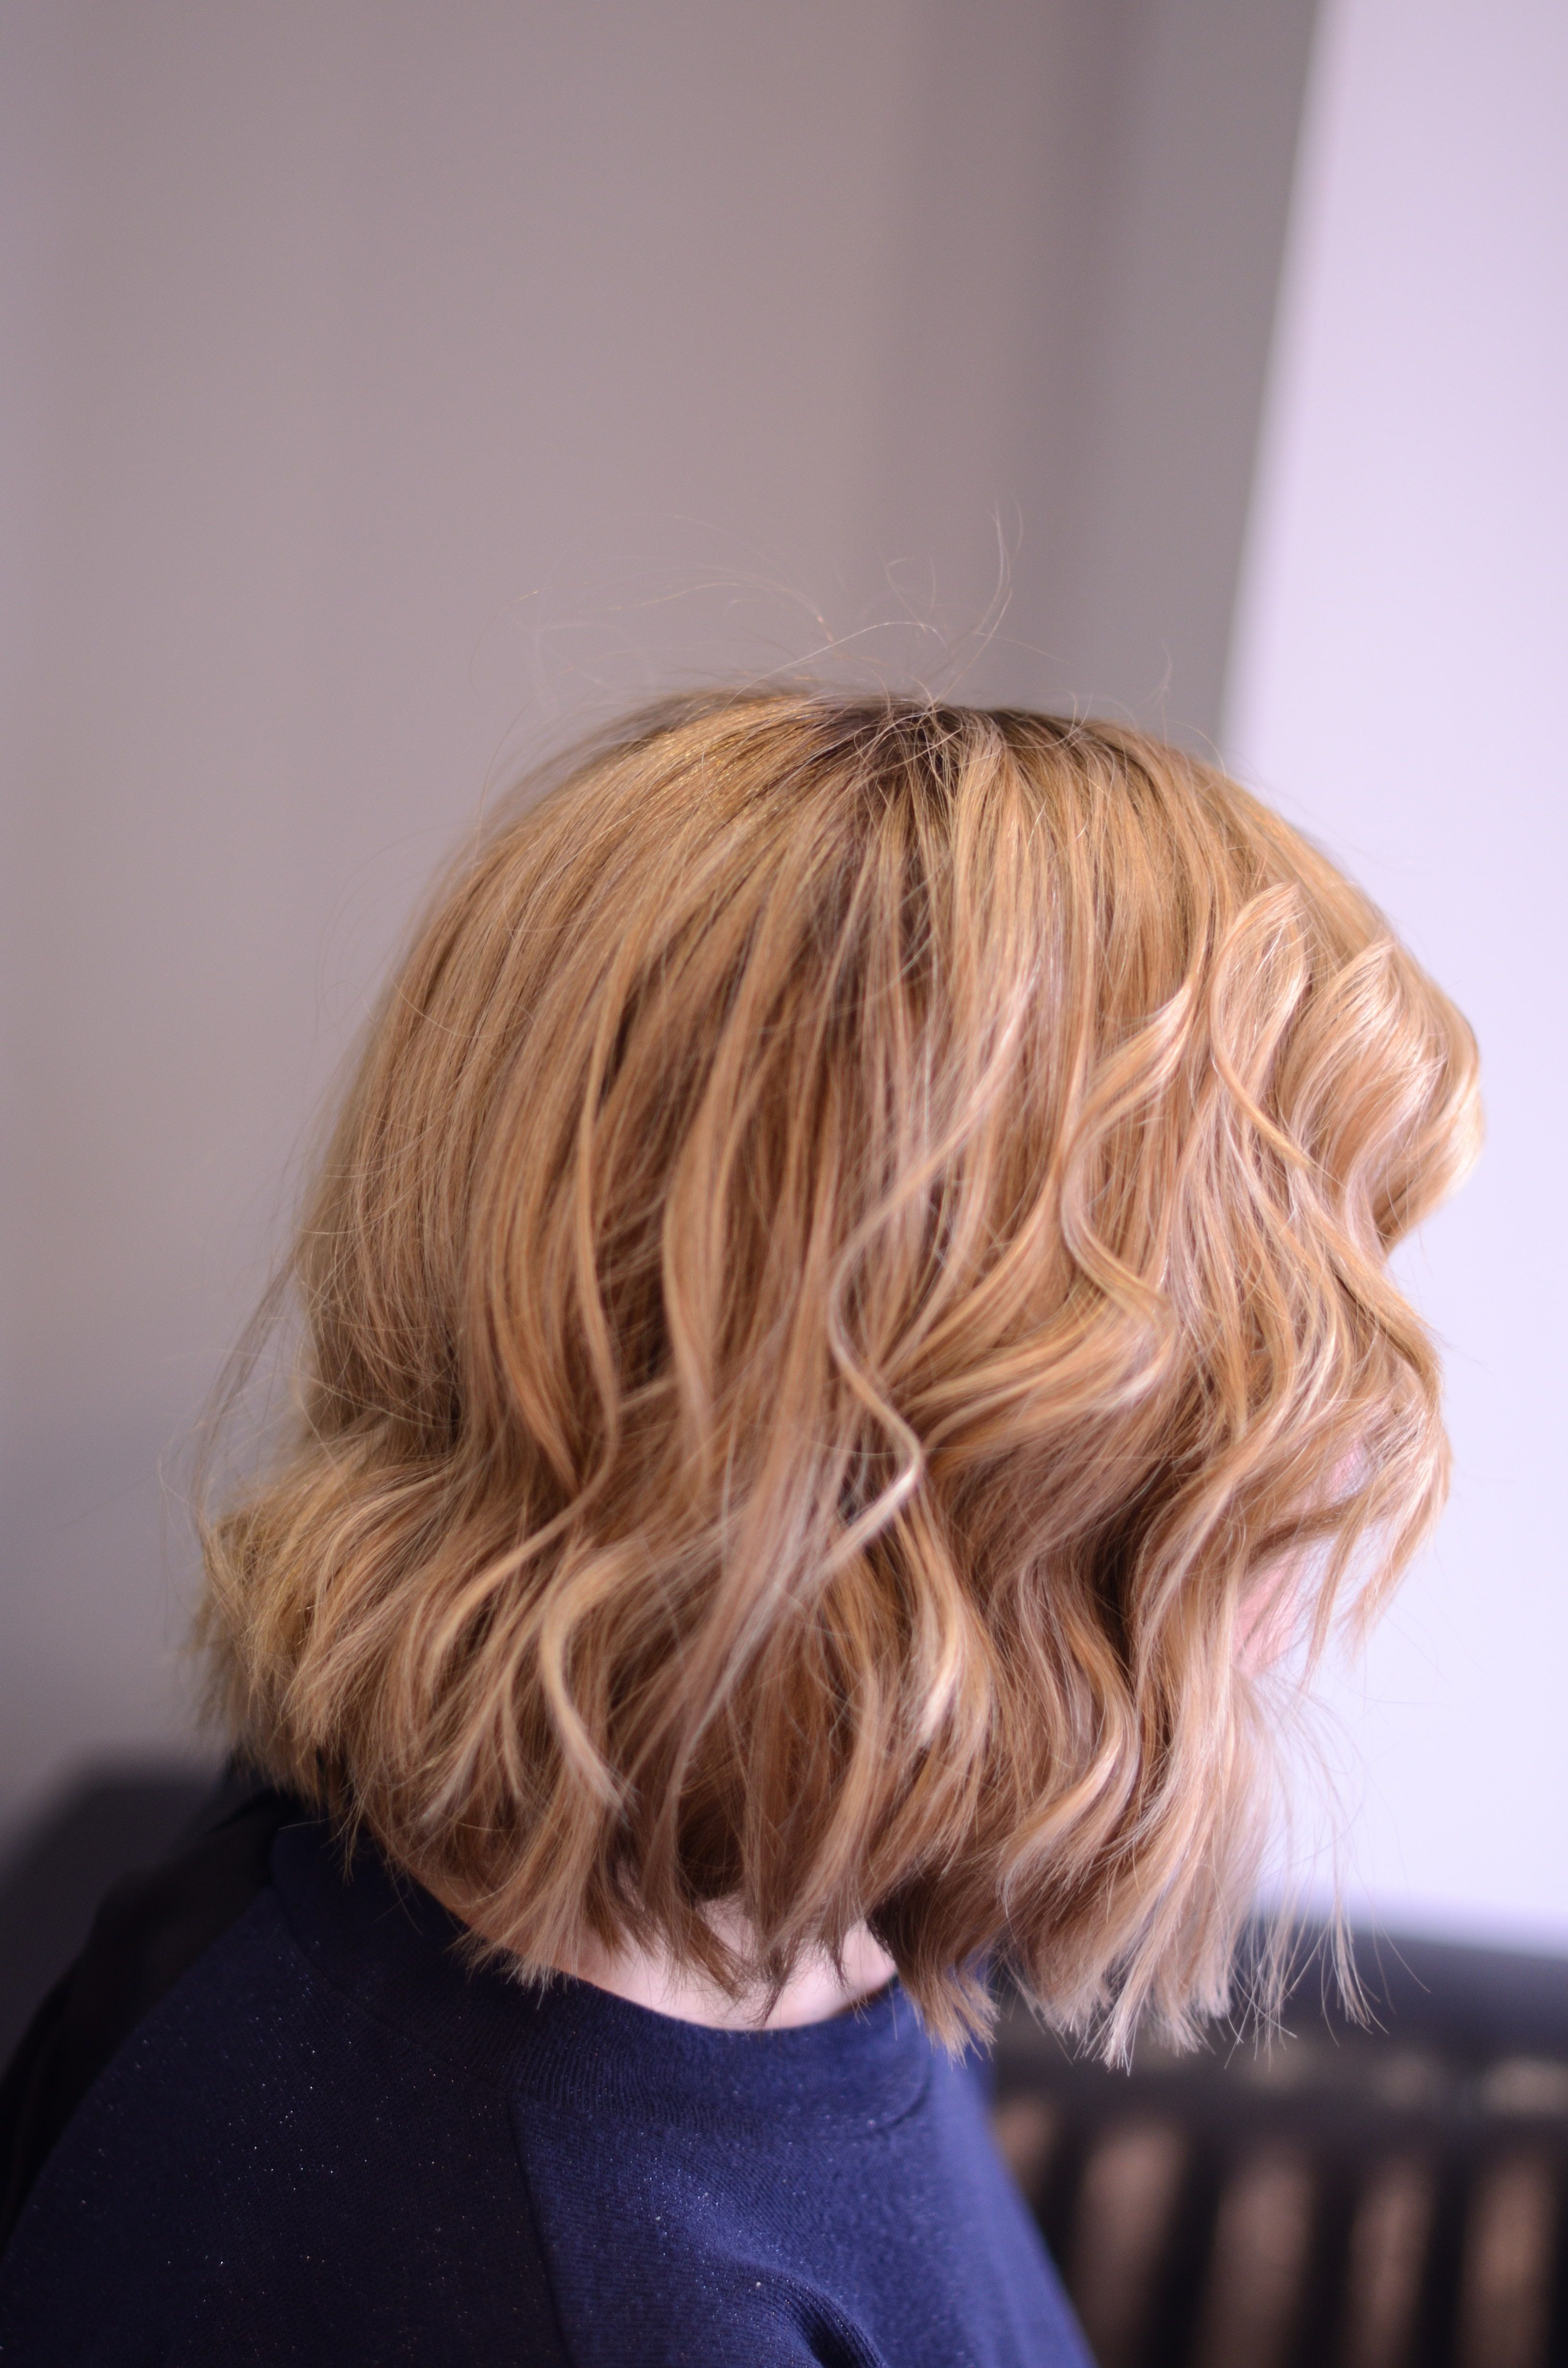 Best Hair Salon For Bob Bobs Haircuts Best Hair Salon Classic